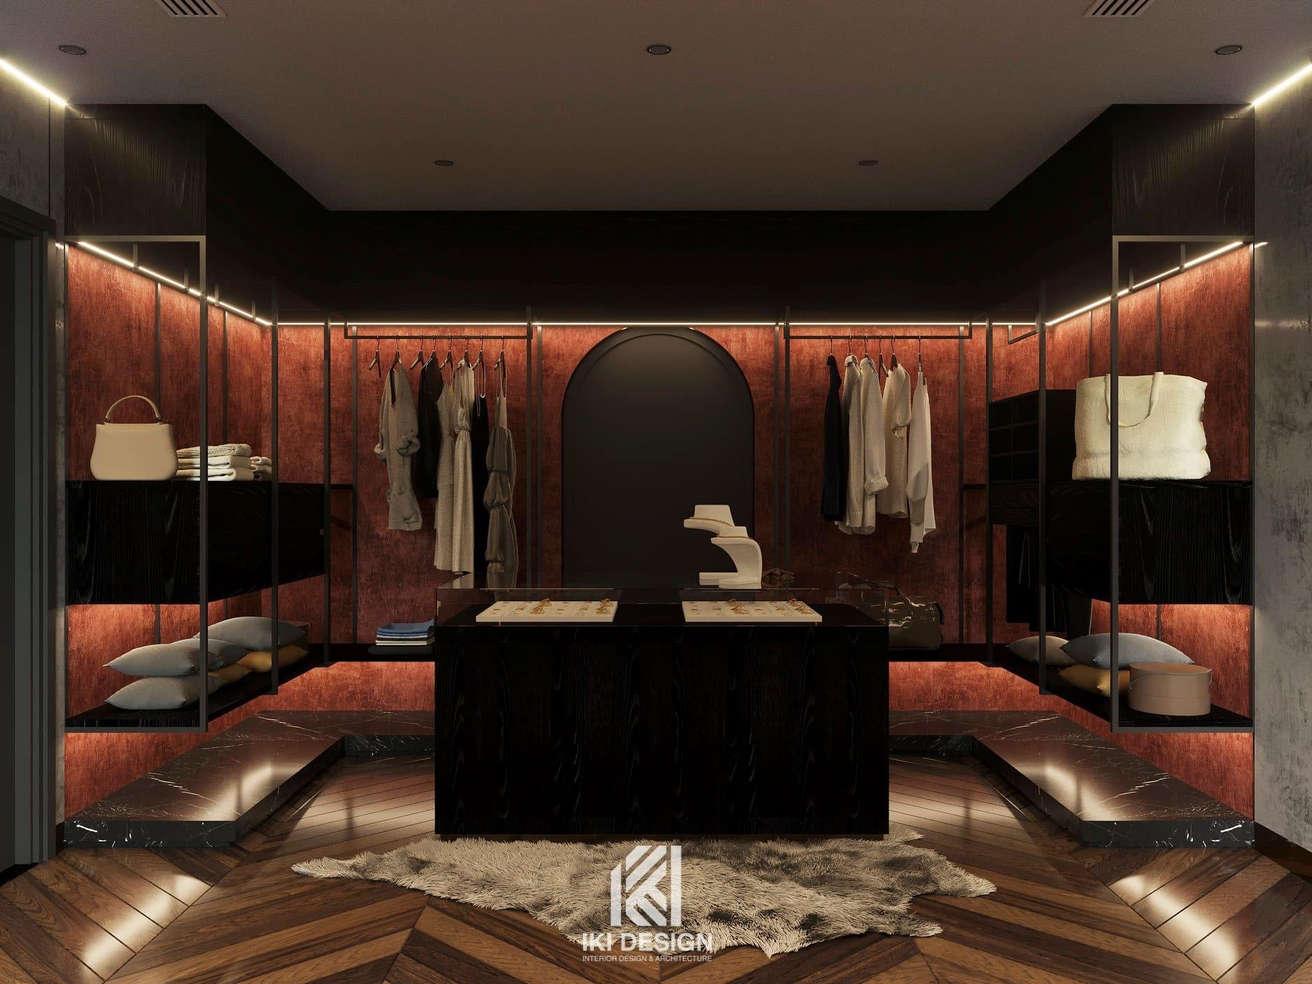 Thiết kế căn hộ chung cư Nha Trang 150m2 - IKI210061